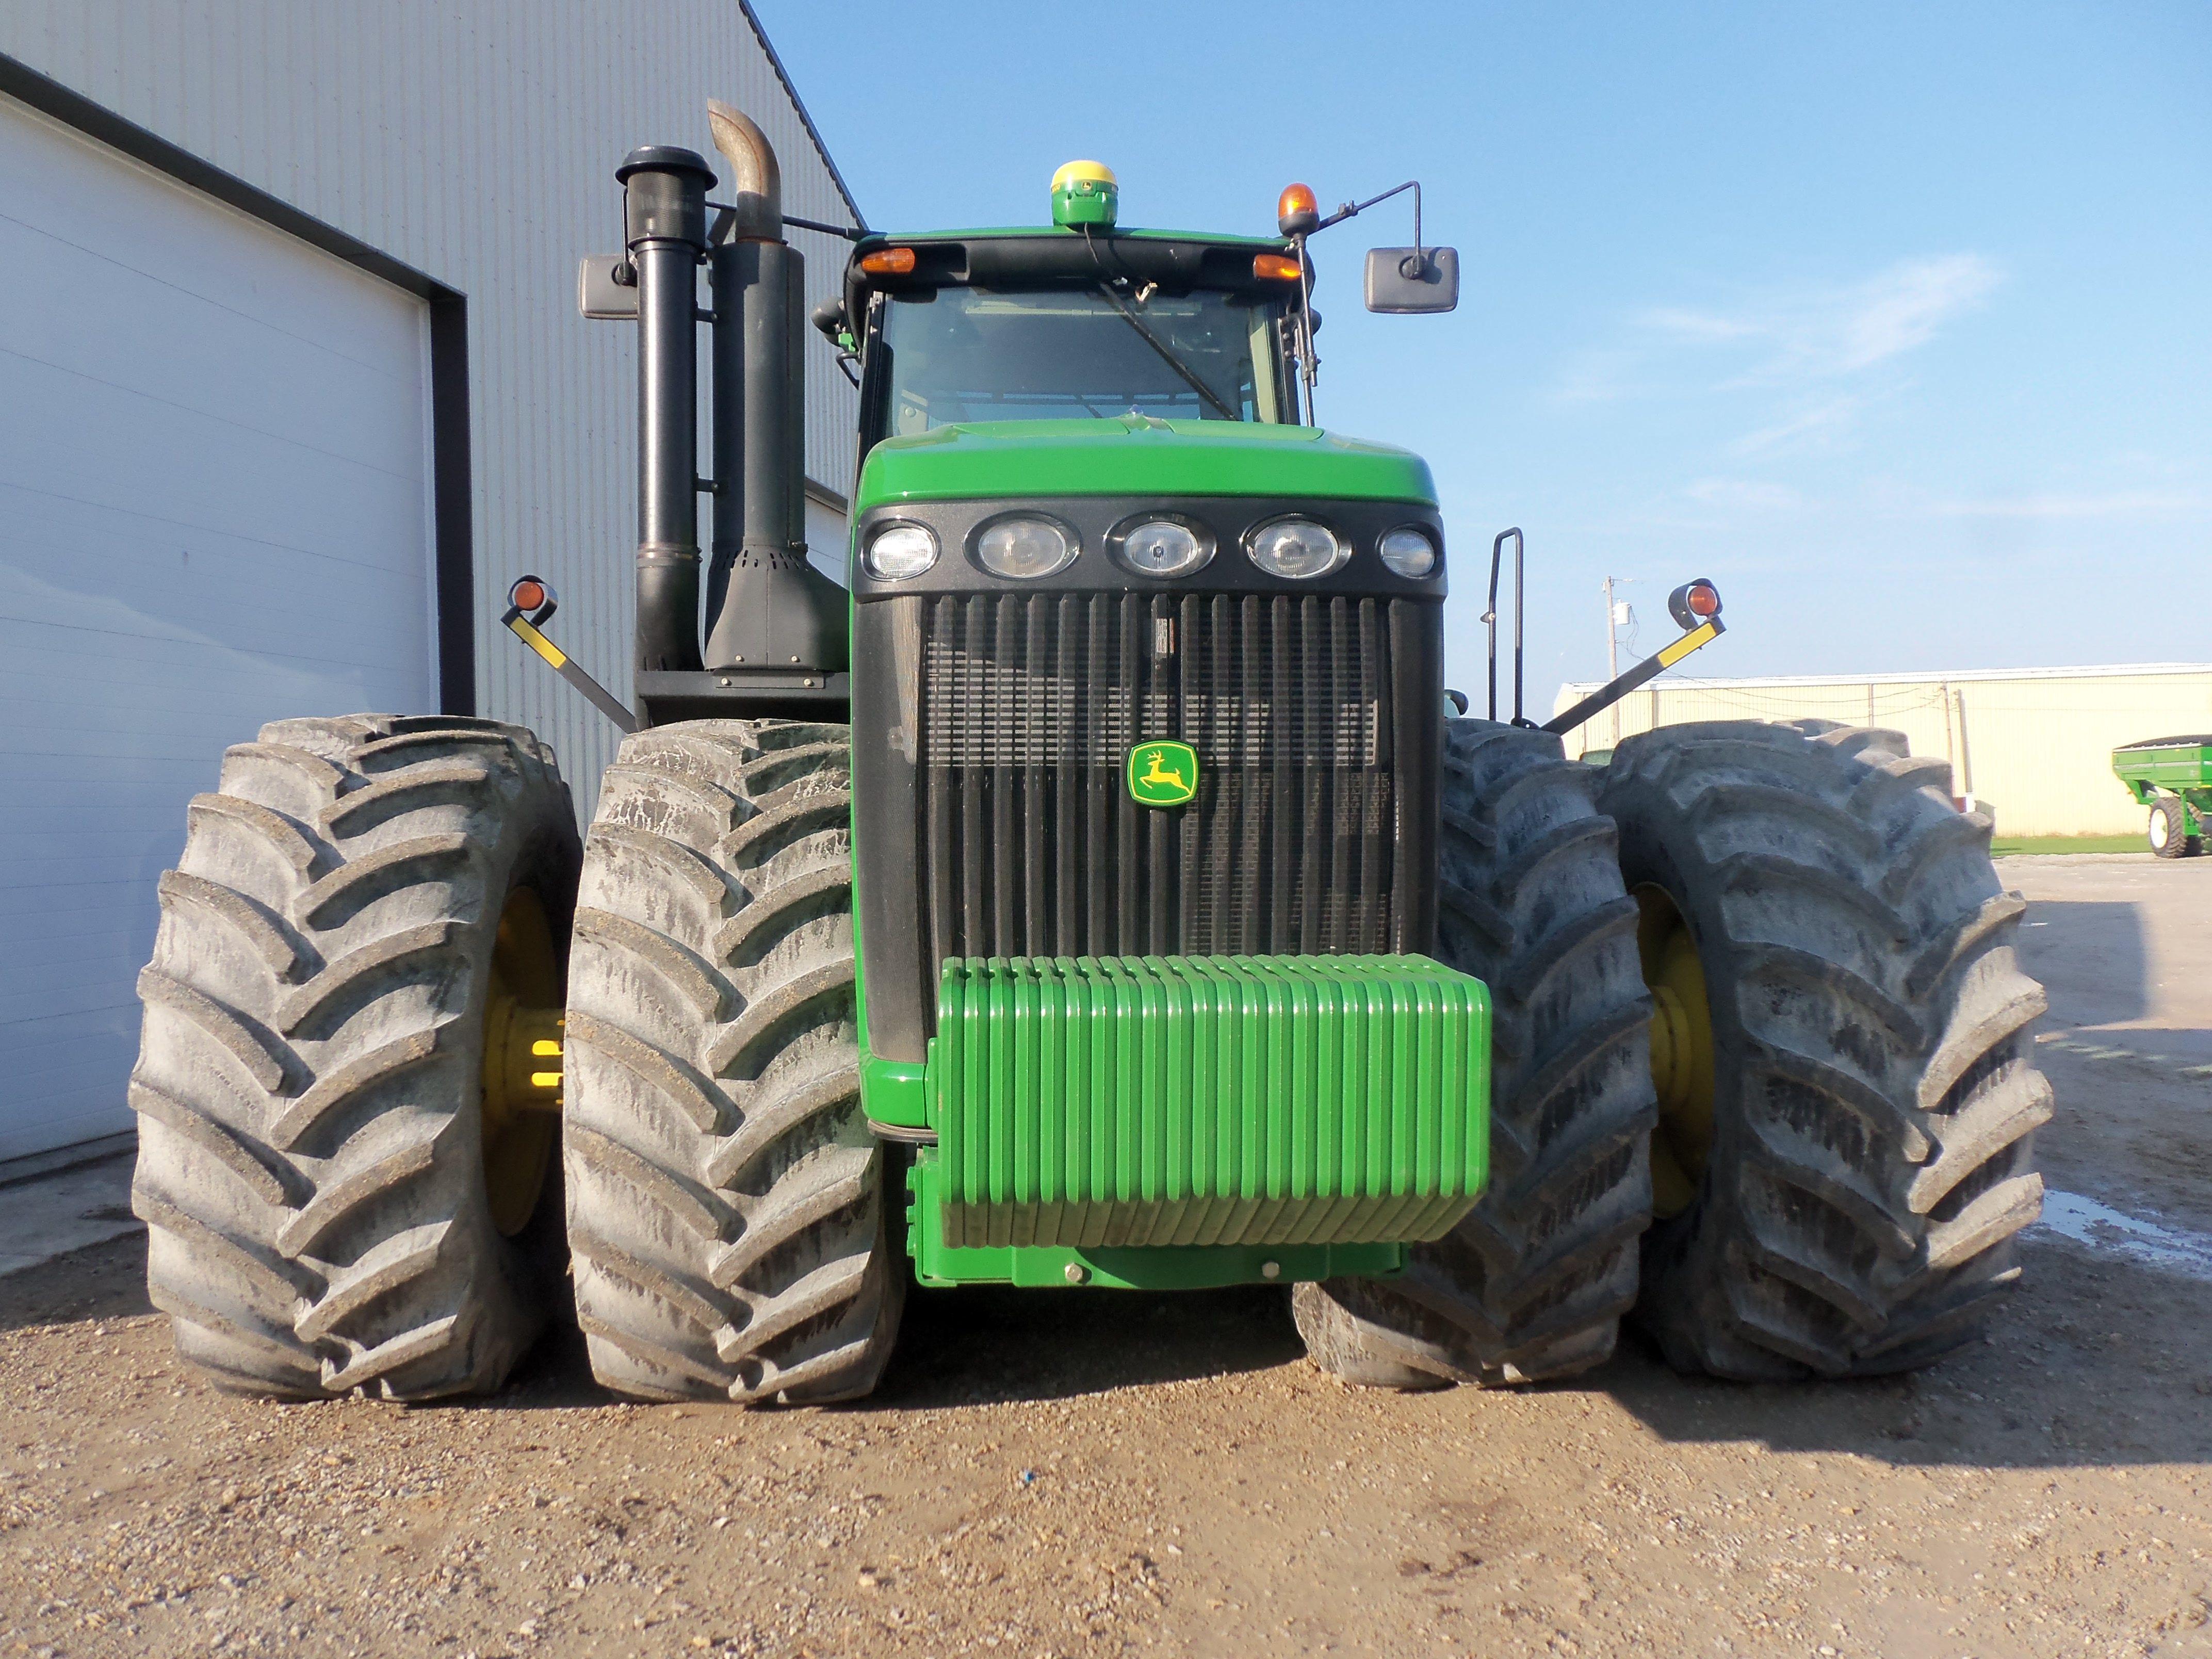 John Deere Tractor Counterweights : Front of hp john deere wheel drive tractor there